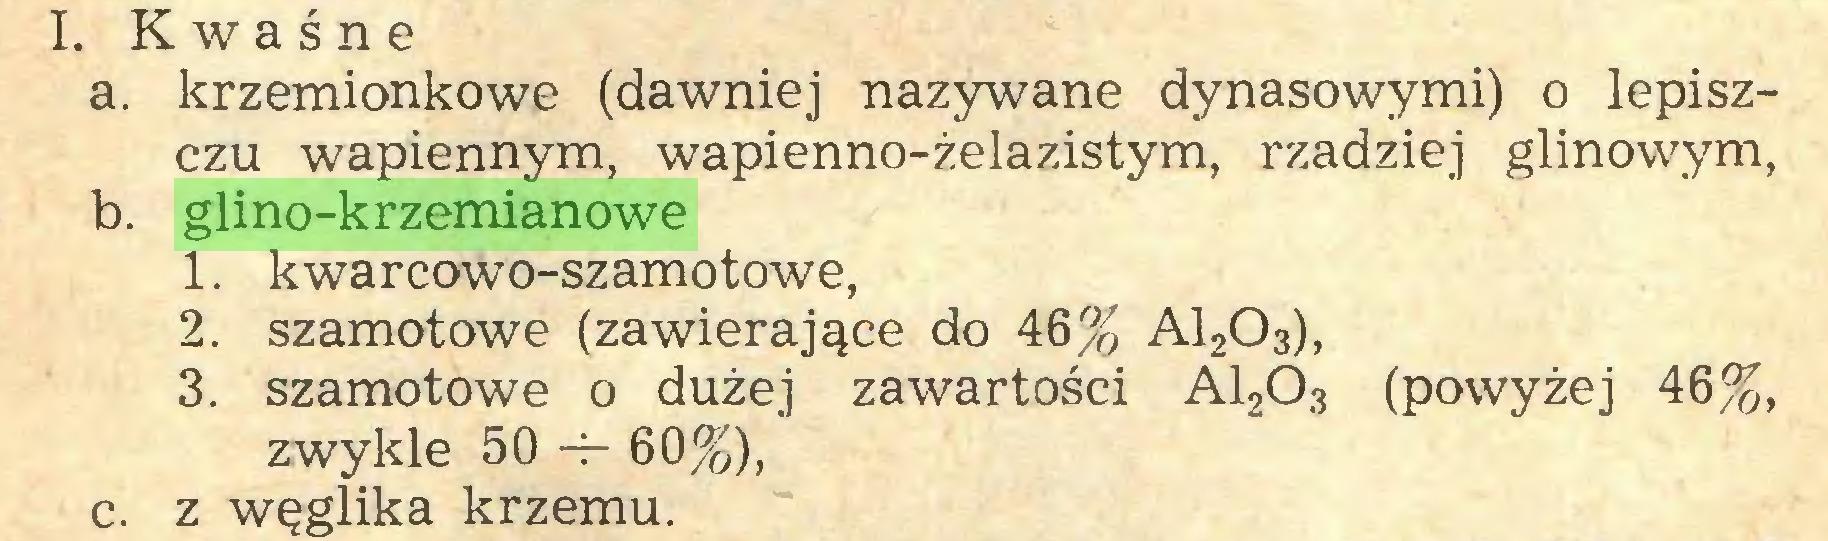 (...) I. Kwaśne a. krzemionkowe (dawniej nazywane dynasowymi) o lepiszczu wapiennym, wapienno-żelazistym, rzadziej glinowym, b. glino-krzemianowe 1. kwarcowo-szamotowe, 2. szamotowe (zawierające do 46% A1203), 3. szamotowe o dużej zawartości A12Ó3 (powyżej 46%, zwykle 50 -4- 60%), c. z węglika krzemu...